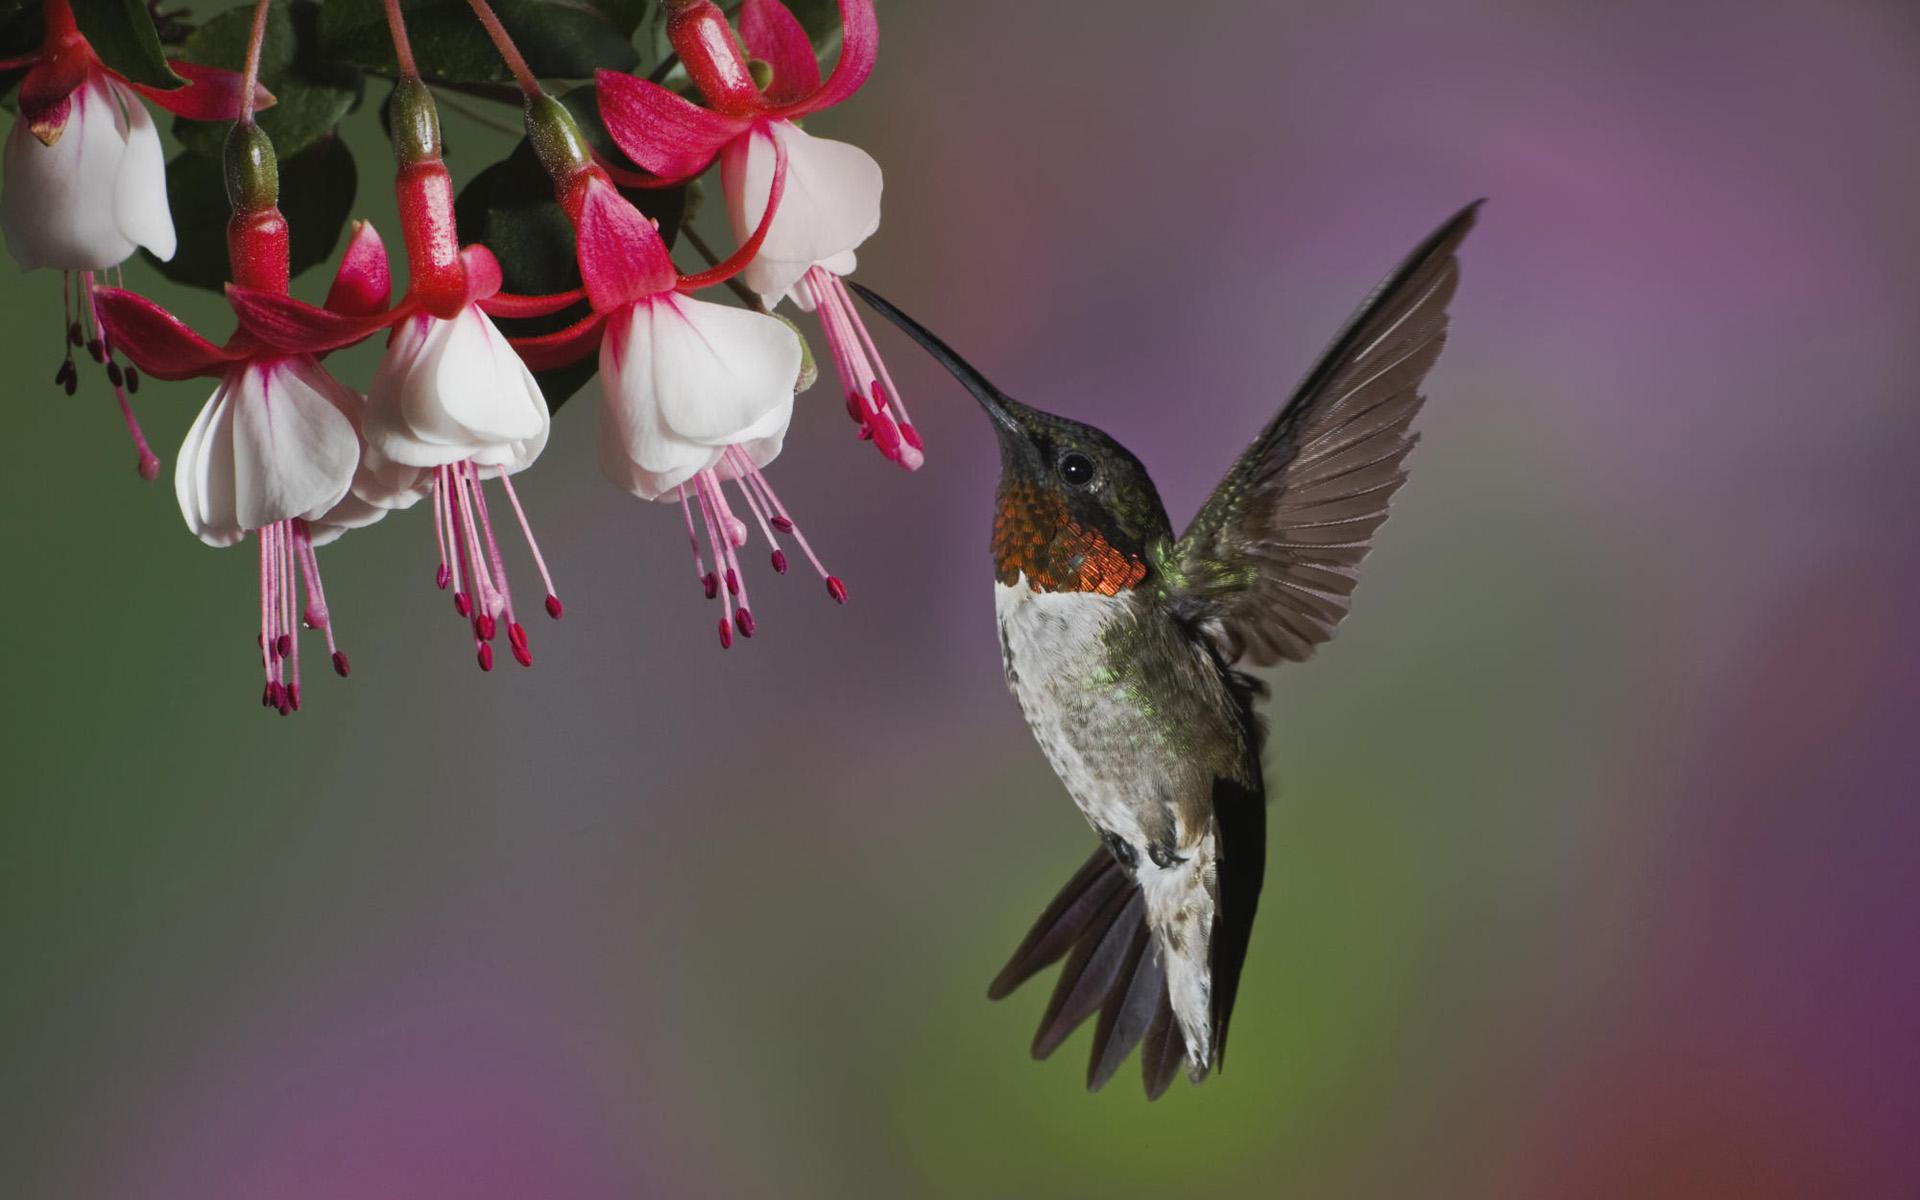 Un picaflor volando en las flores - 1920x1200